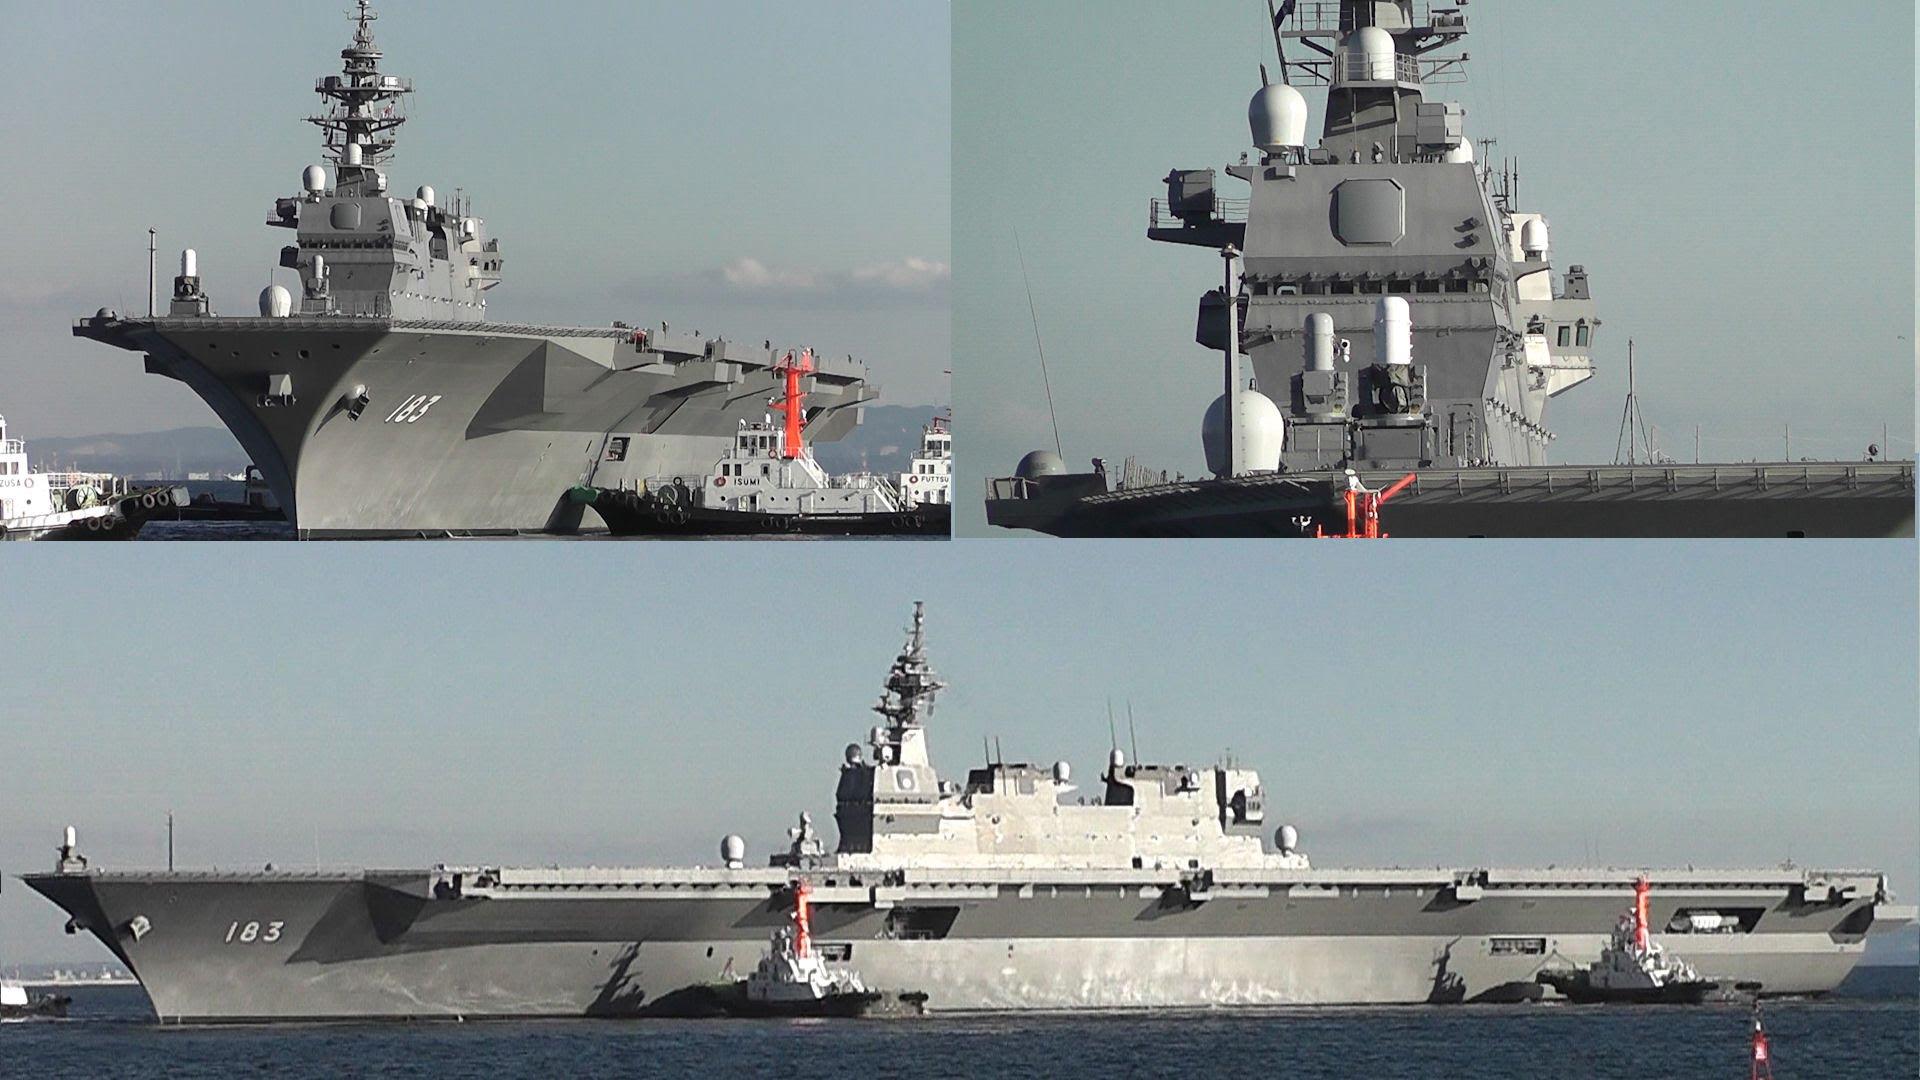 新聞 海上自衛隊最大級護衛艦 出雲號 服役 Terievv板 Disp Bbs